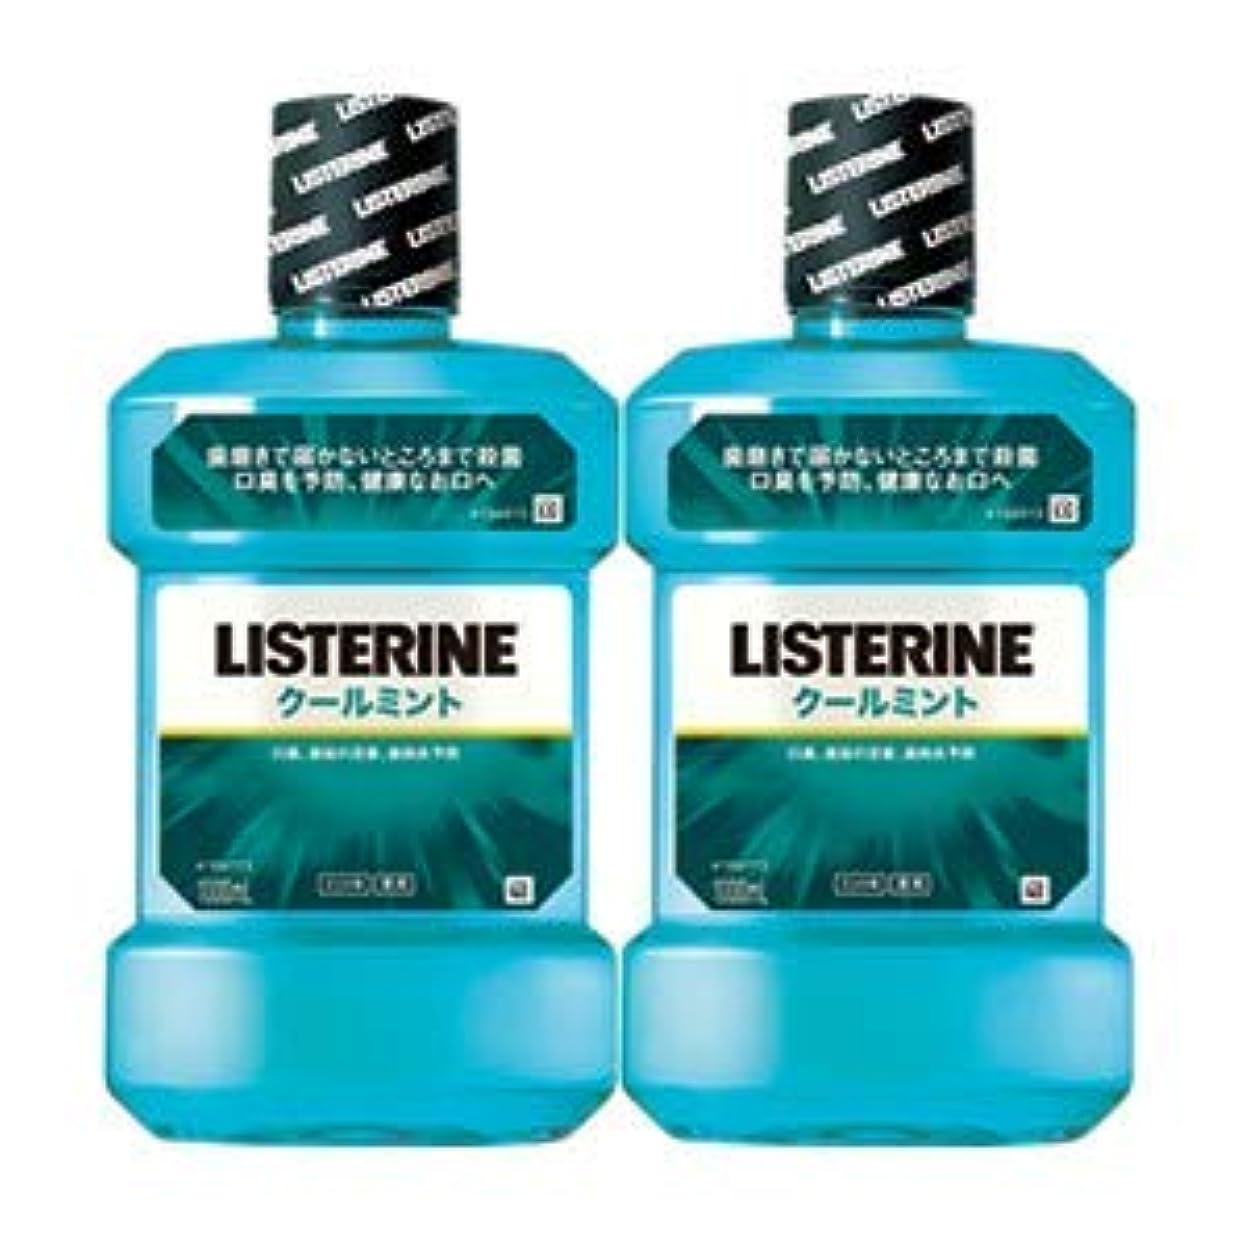 無限大ユーモラス見て薬用リステリン クールミント (マウスウォッシュ/洗口液) 1000mL×2本セット